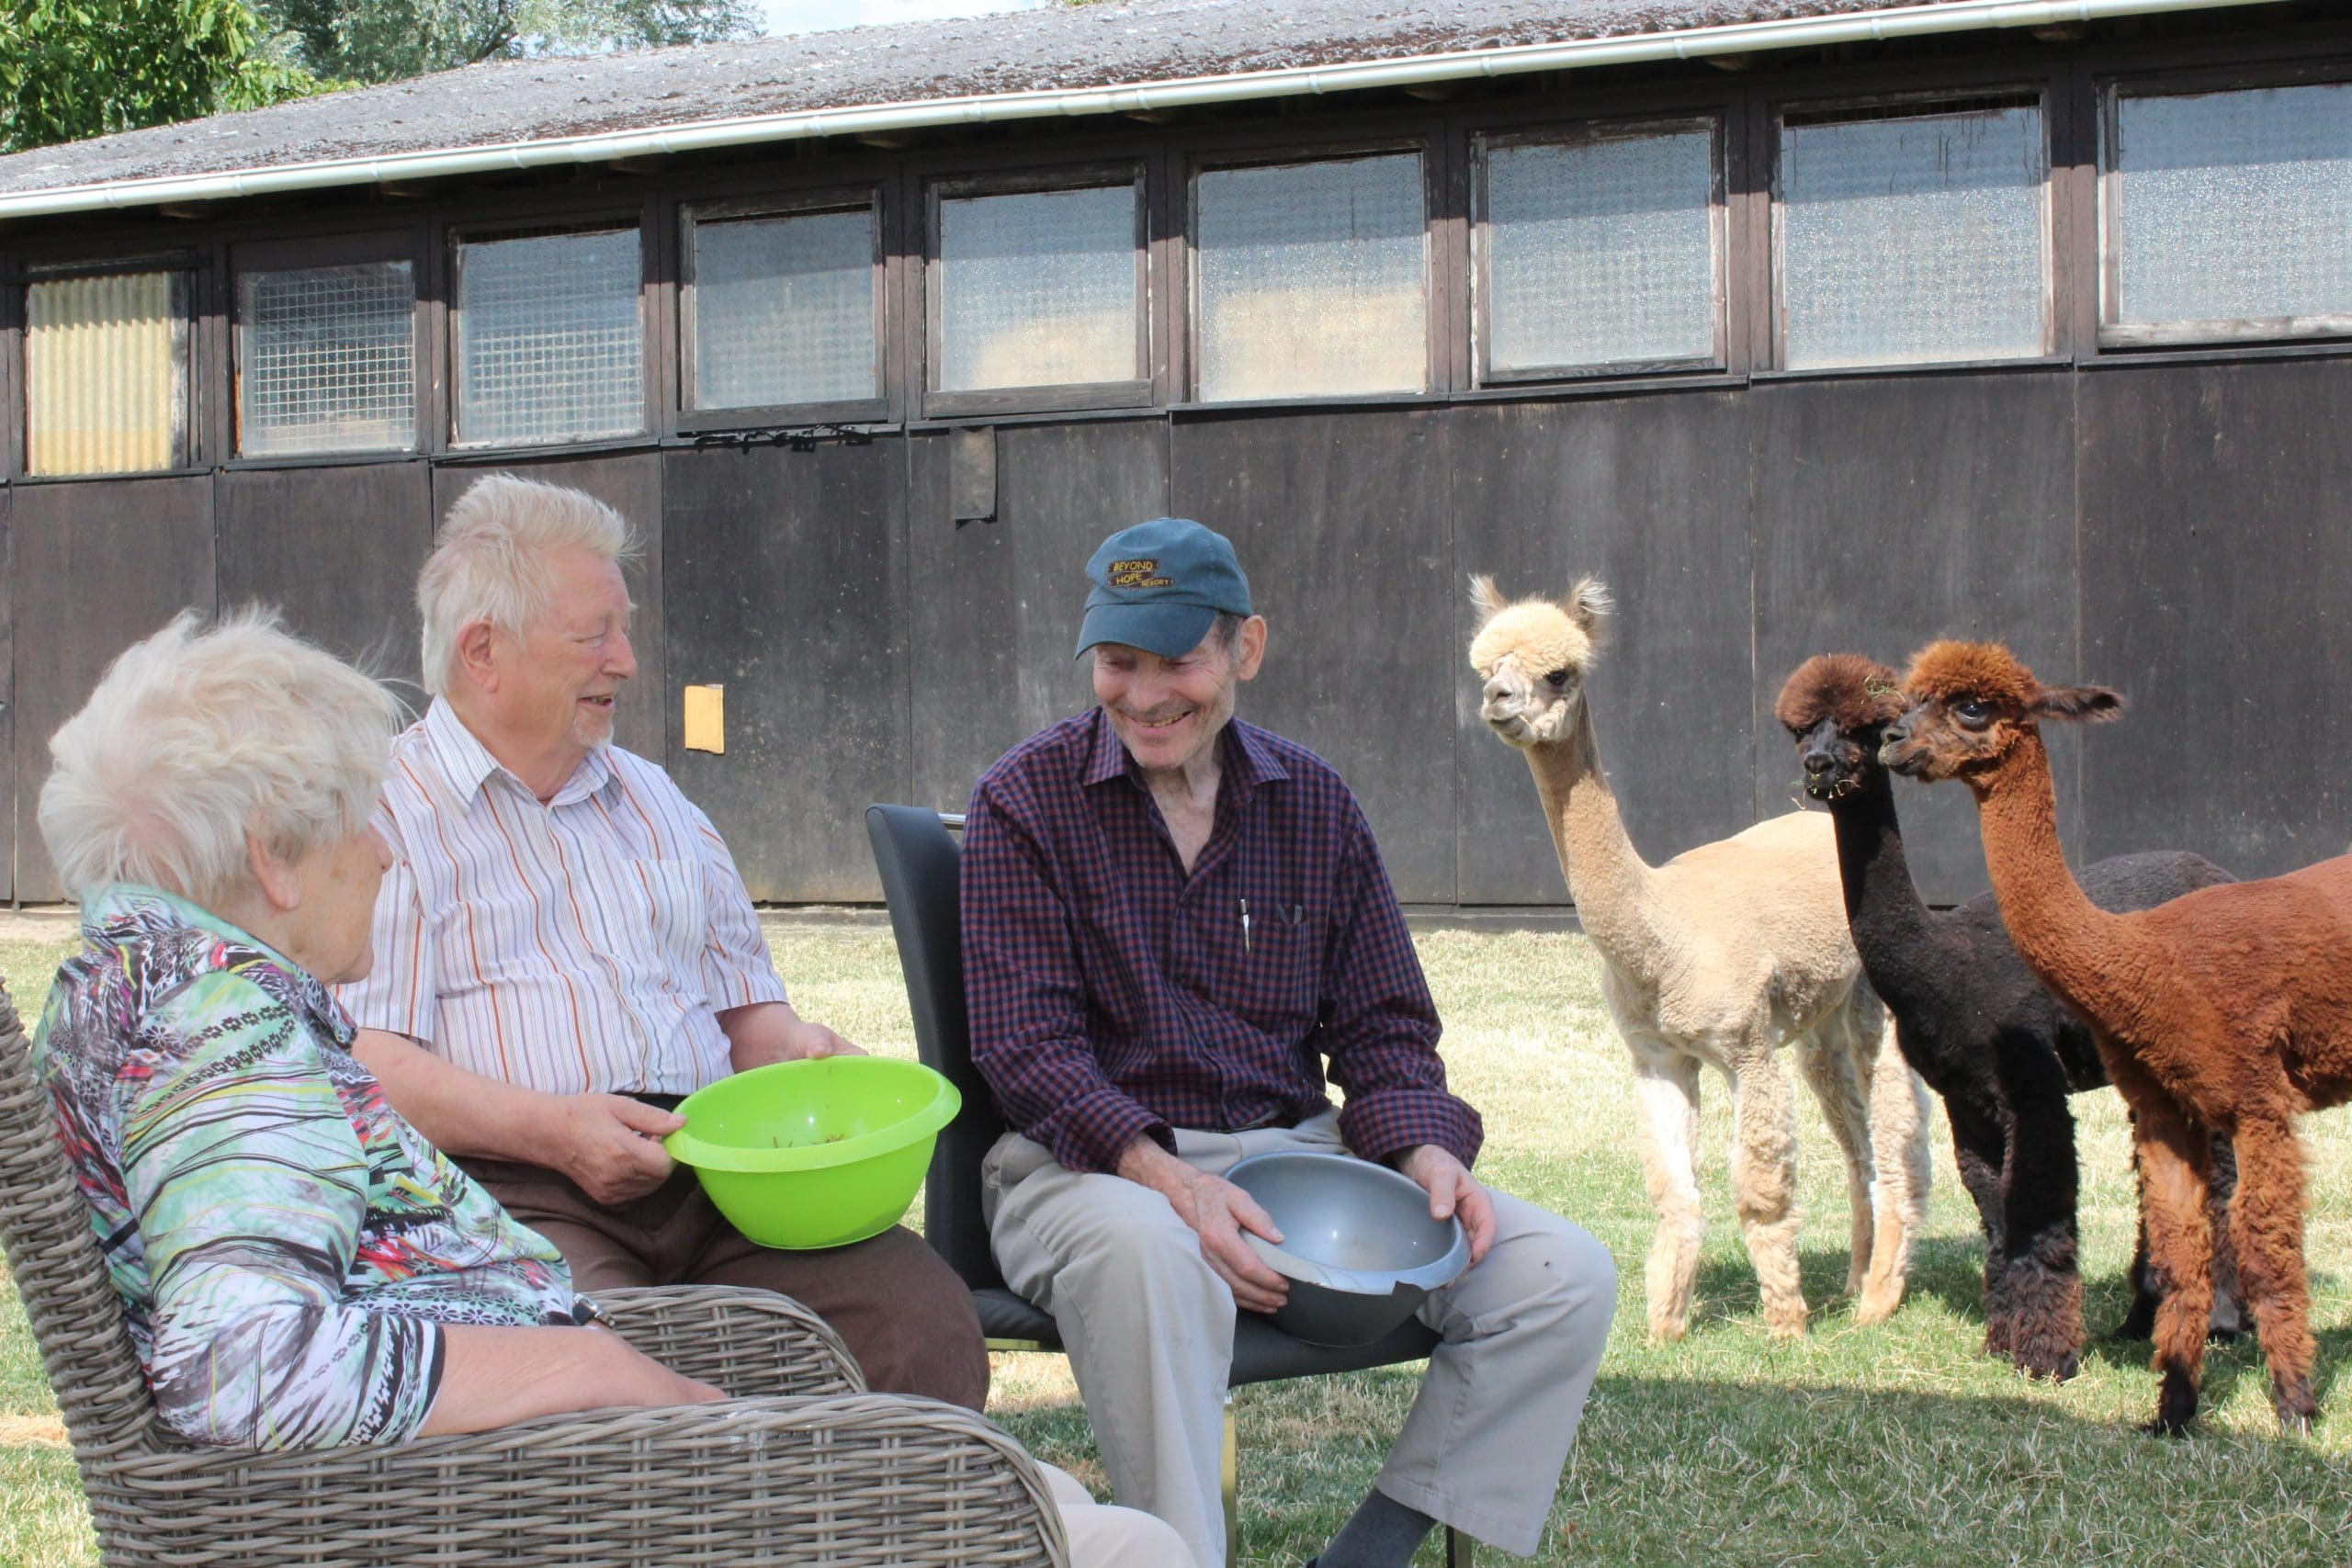 Begegnung von Mensch und Tier: Ausflug auf den Hof Lefert